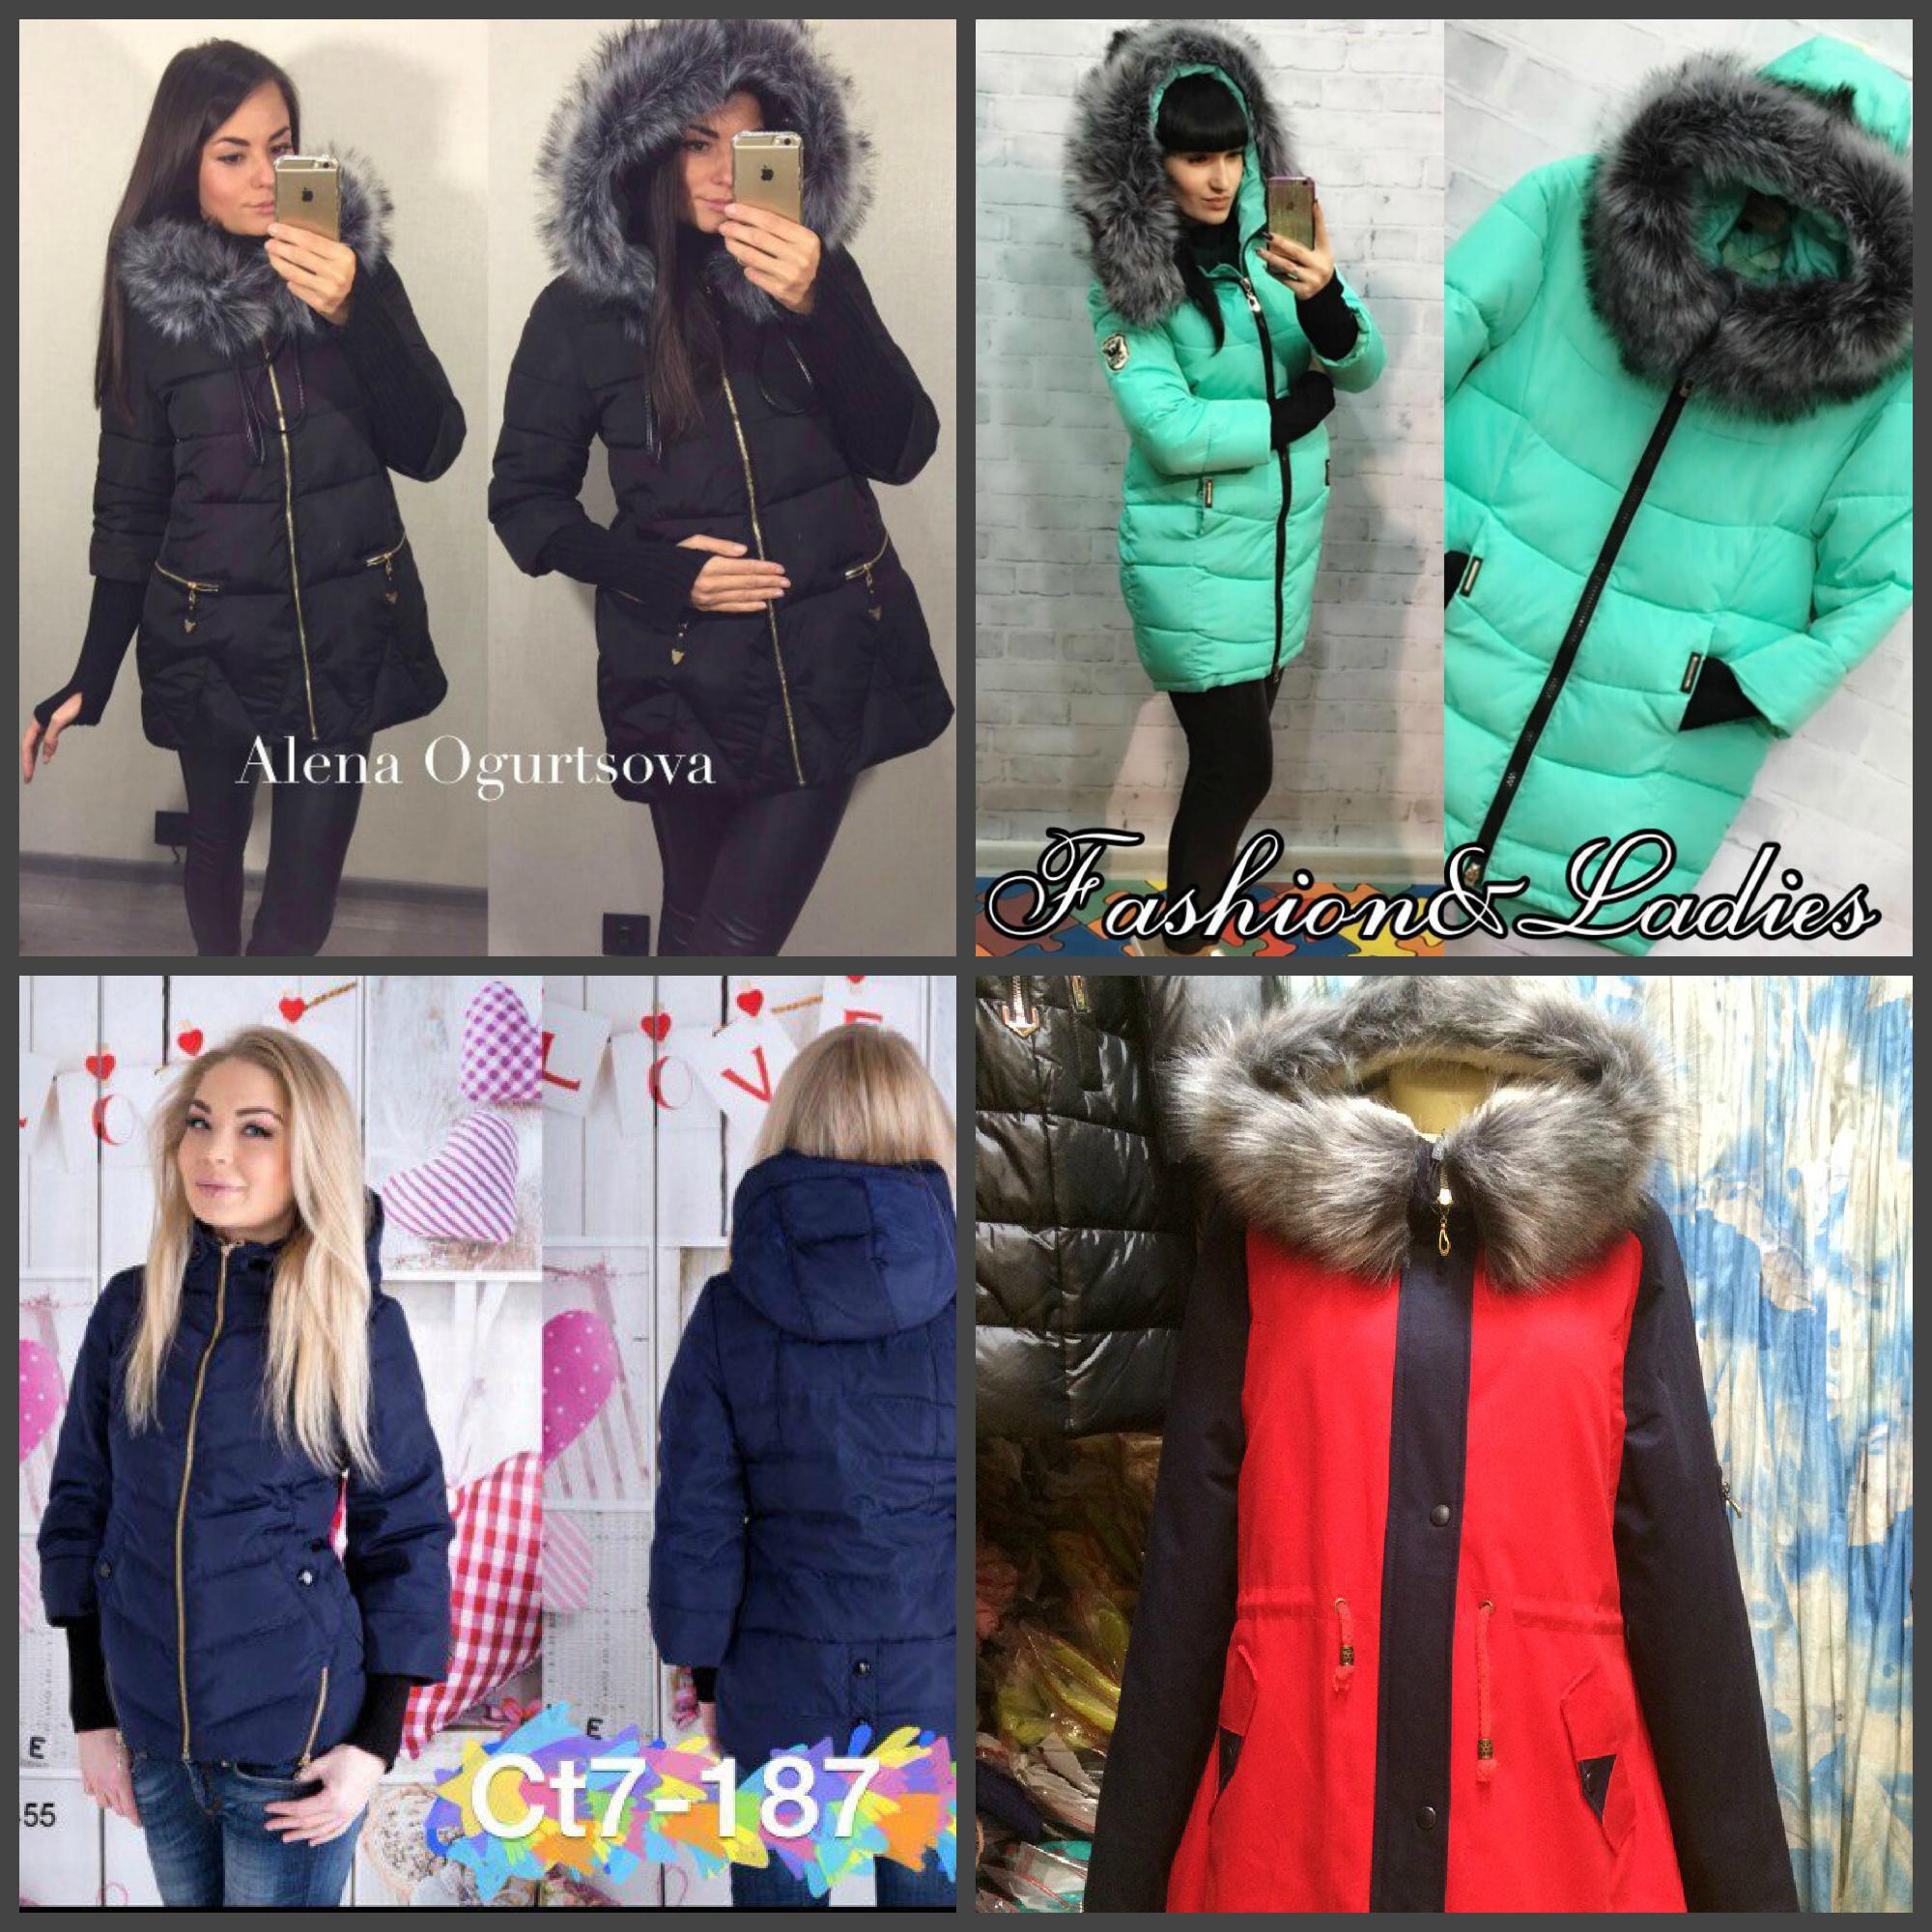 Куртки, пуховики, зимние костюмы по очень привлекательным ценам для всей семьи. Размеры до 62.